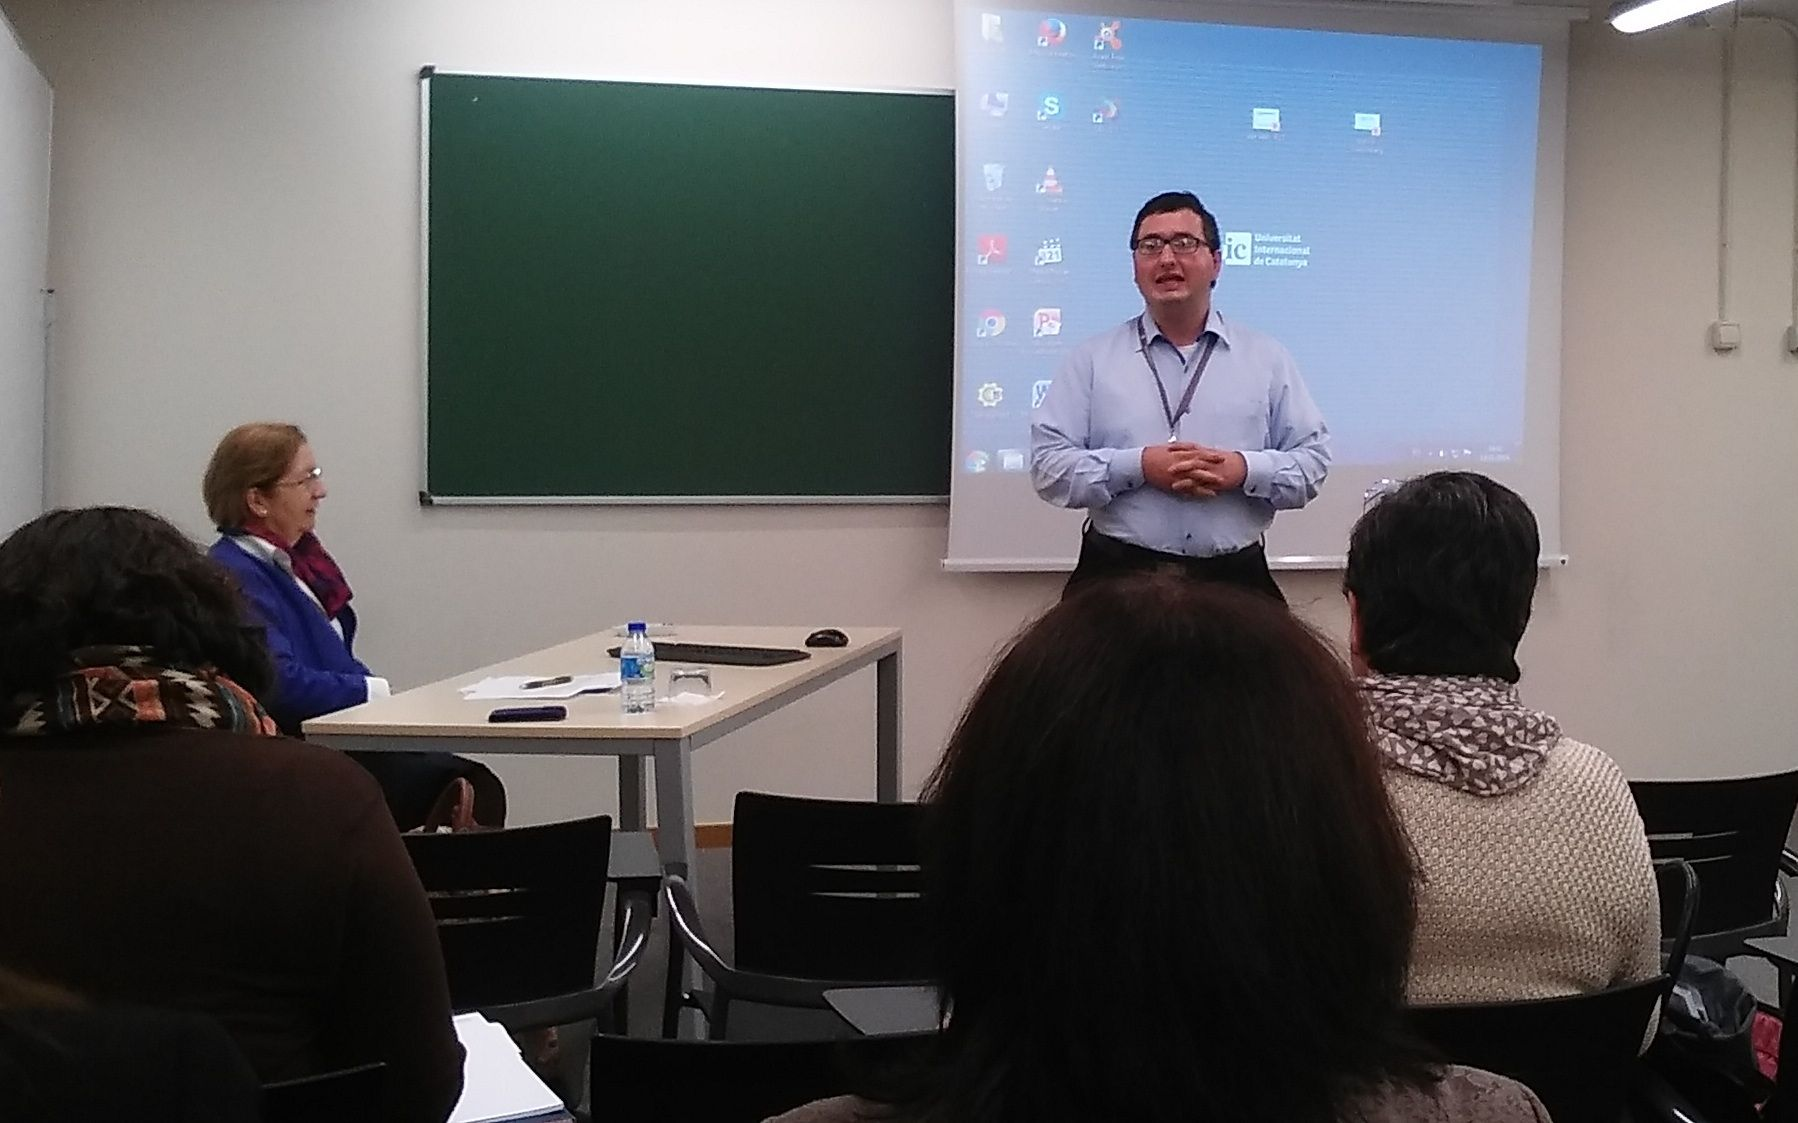 El profesor Jaime Vilarroig durante la presentación de su comunicación en el X Congreso de la AEBI.